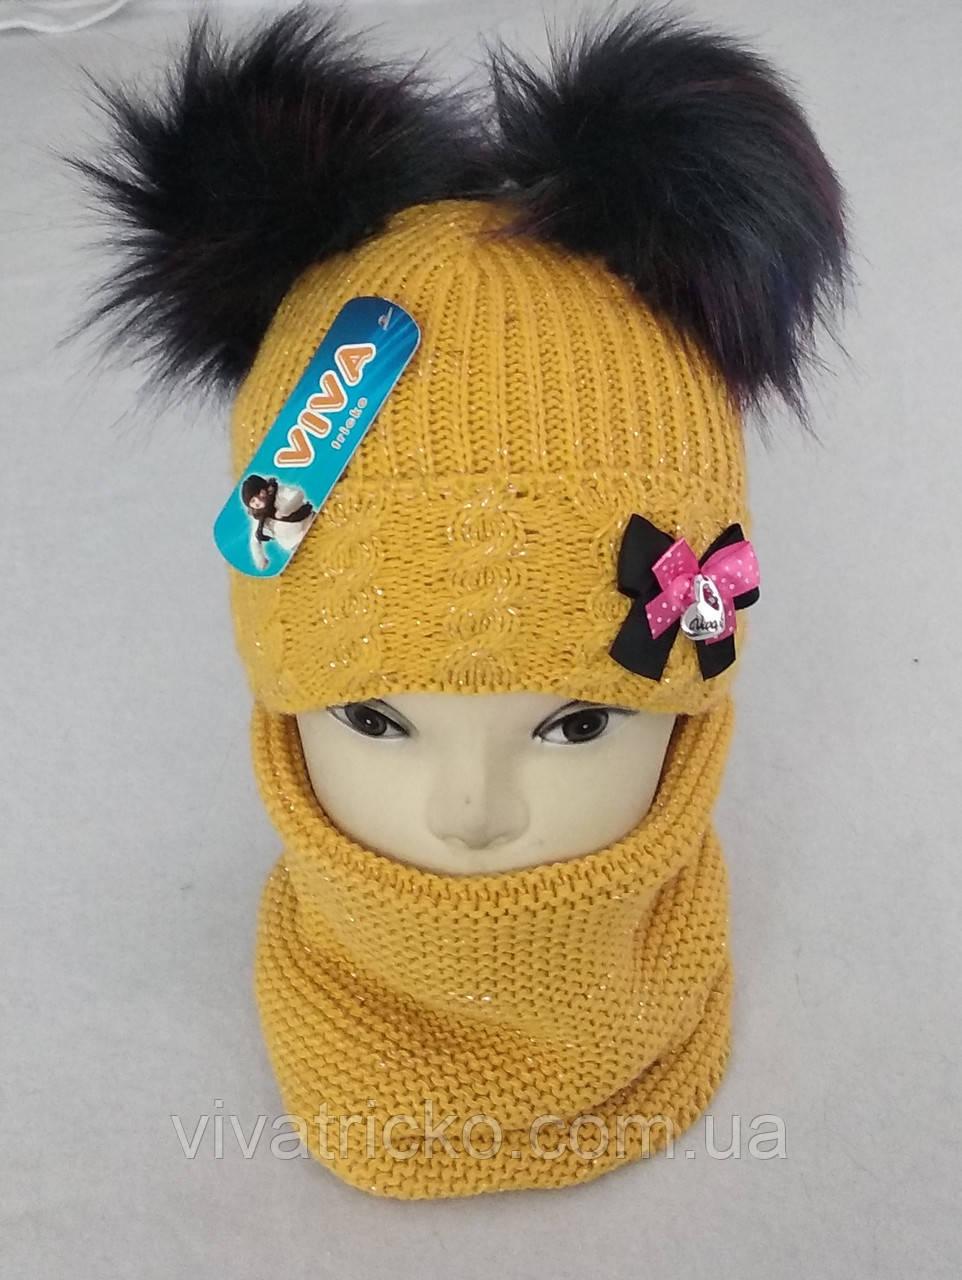 М 5037 Комплект для девочки шапка +баф (3 -8 лет), кашемир, флис